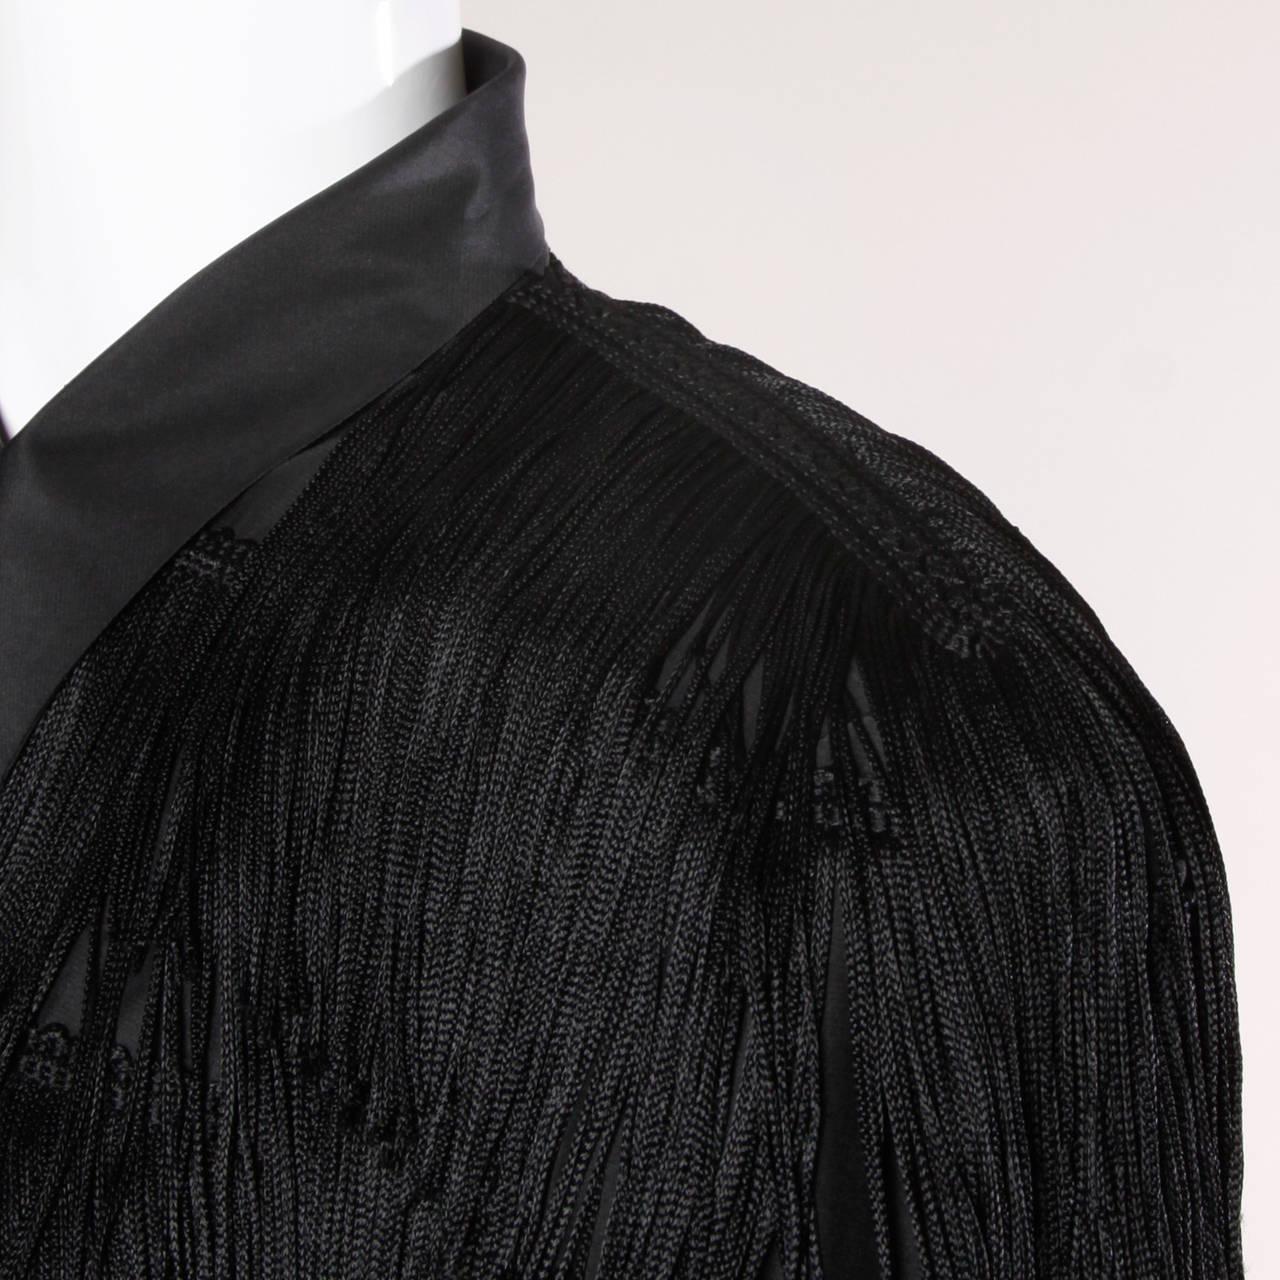 Norma Kamali Omo Vintage 1980s Black Fringe Jacket 8